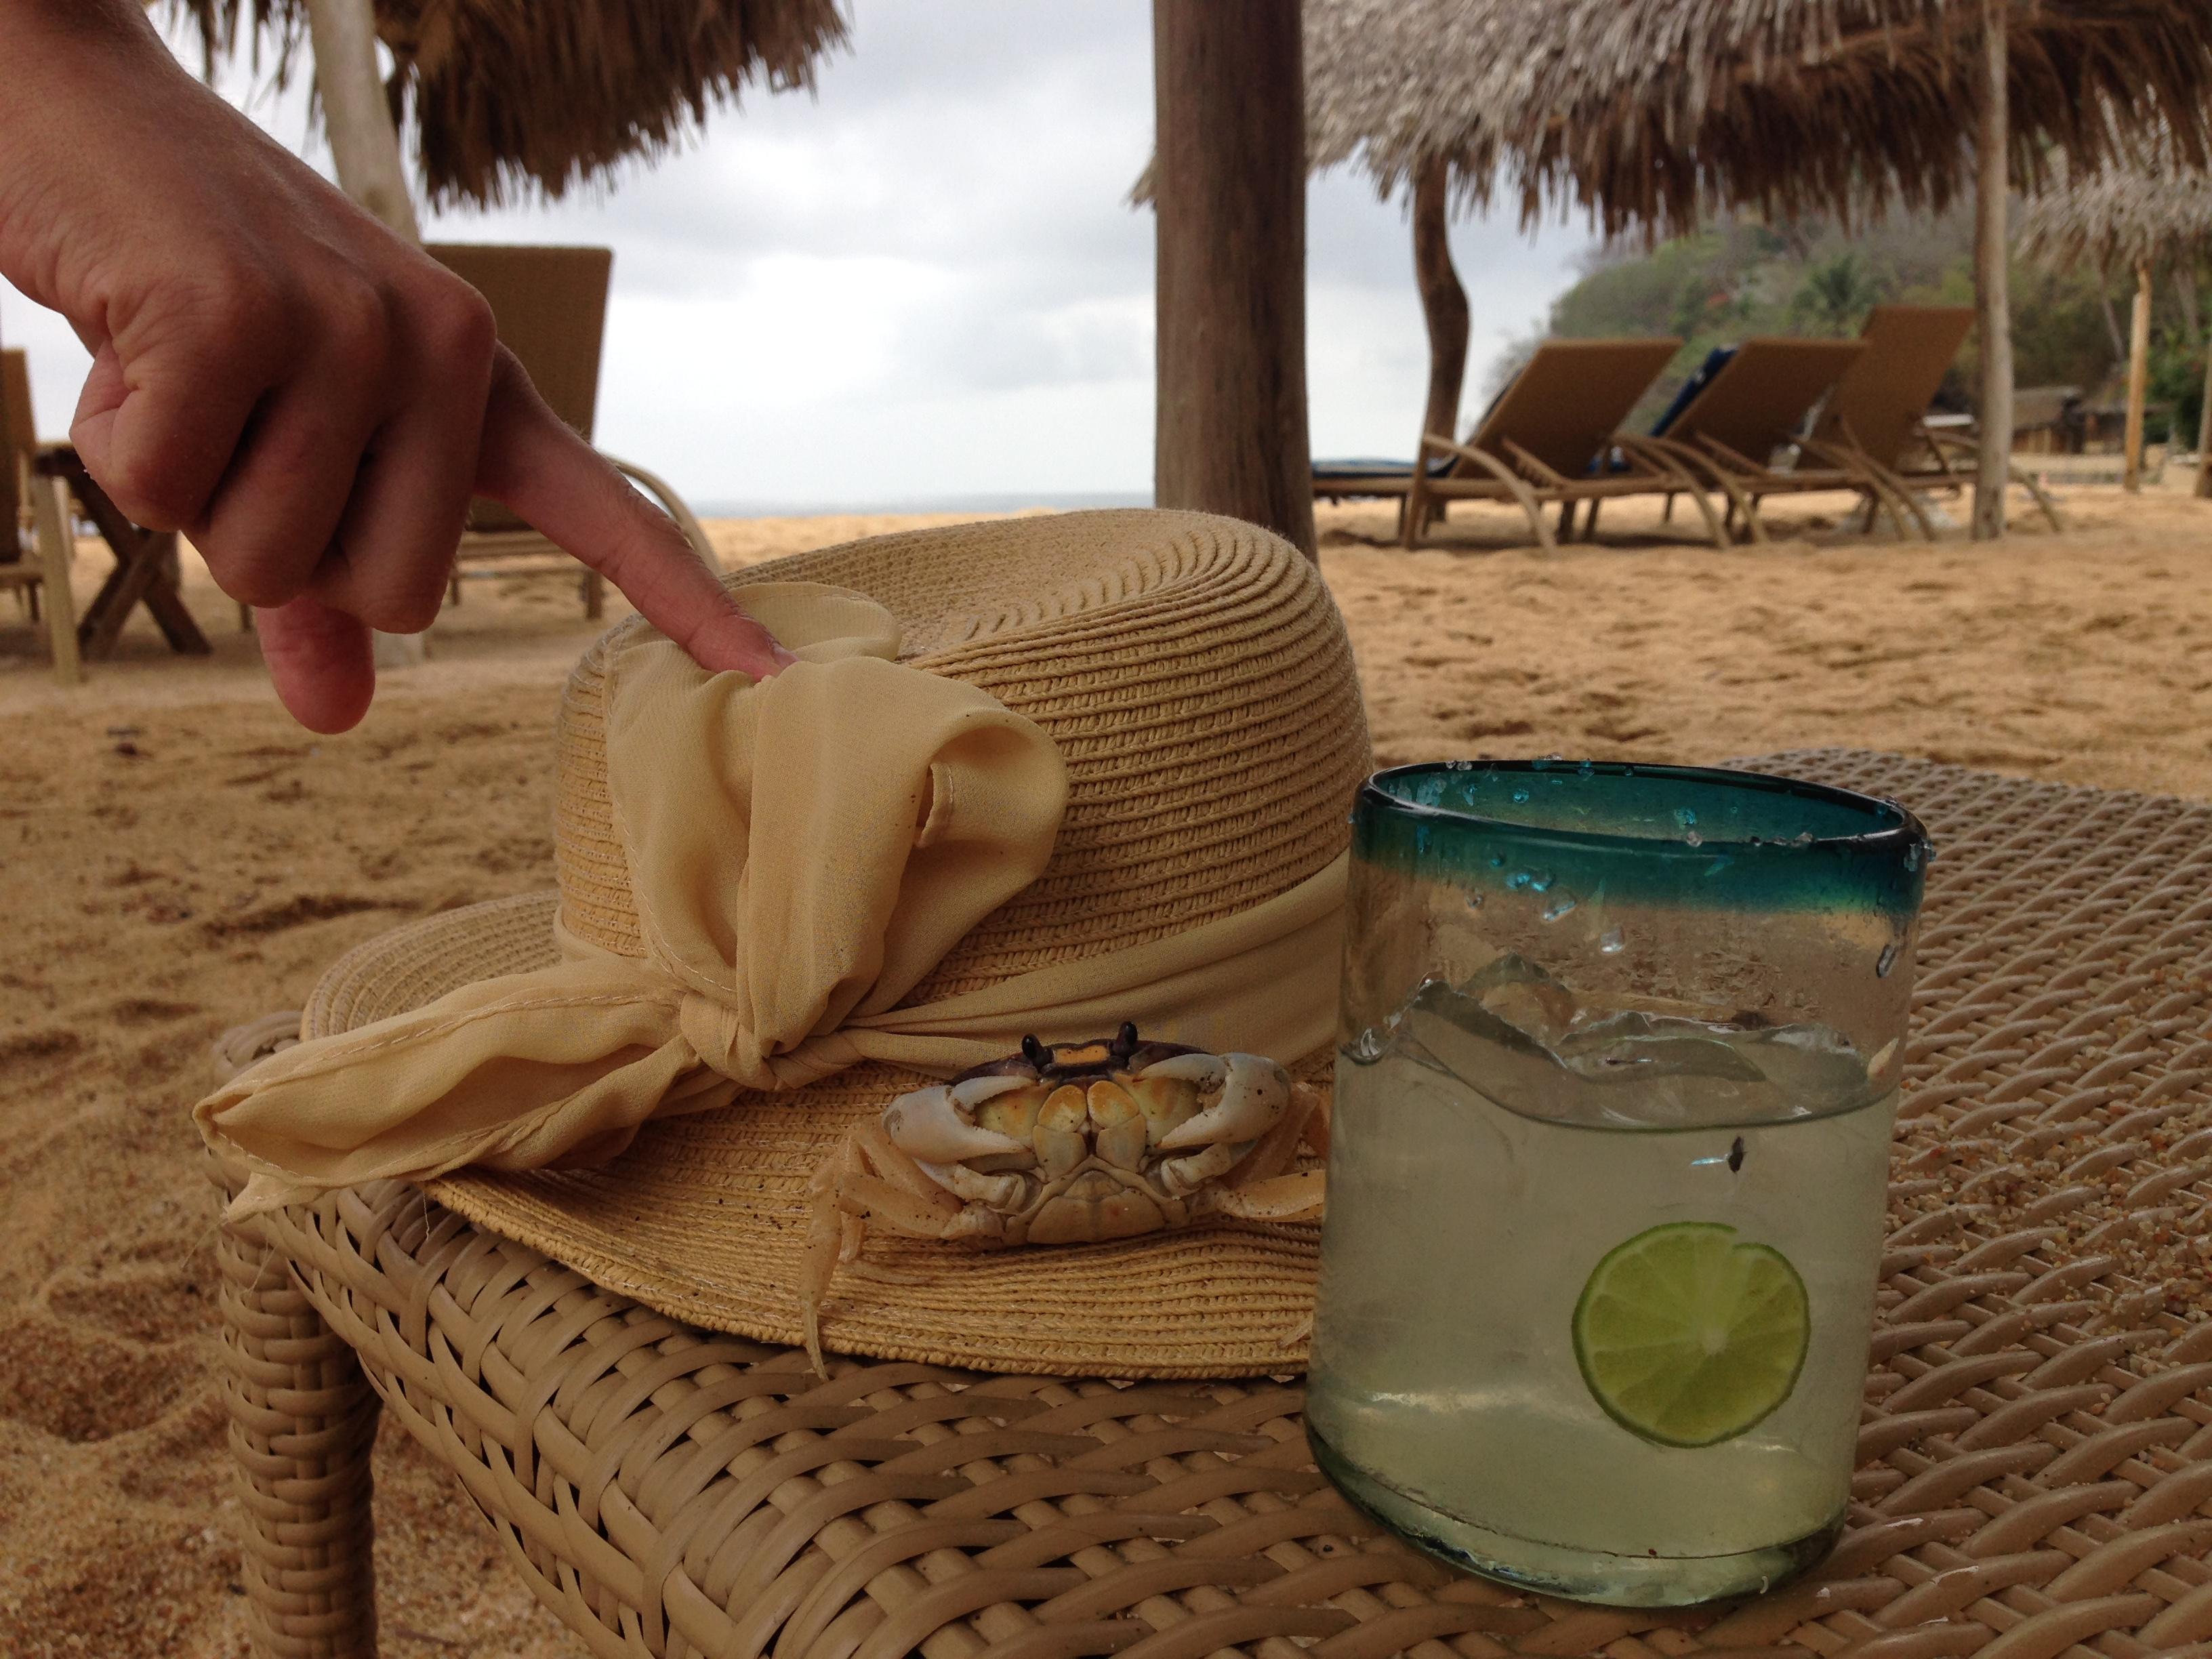 Рассказ-зарисовка о поездке в Мексику рекомендации